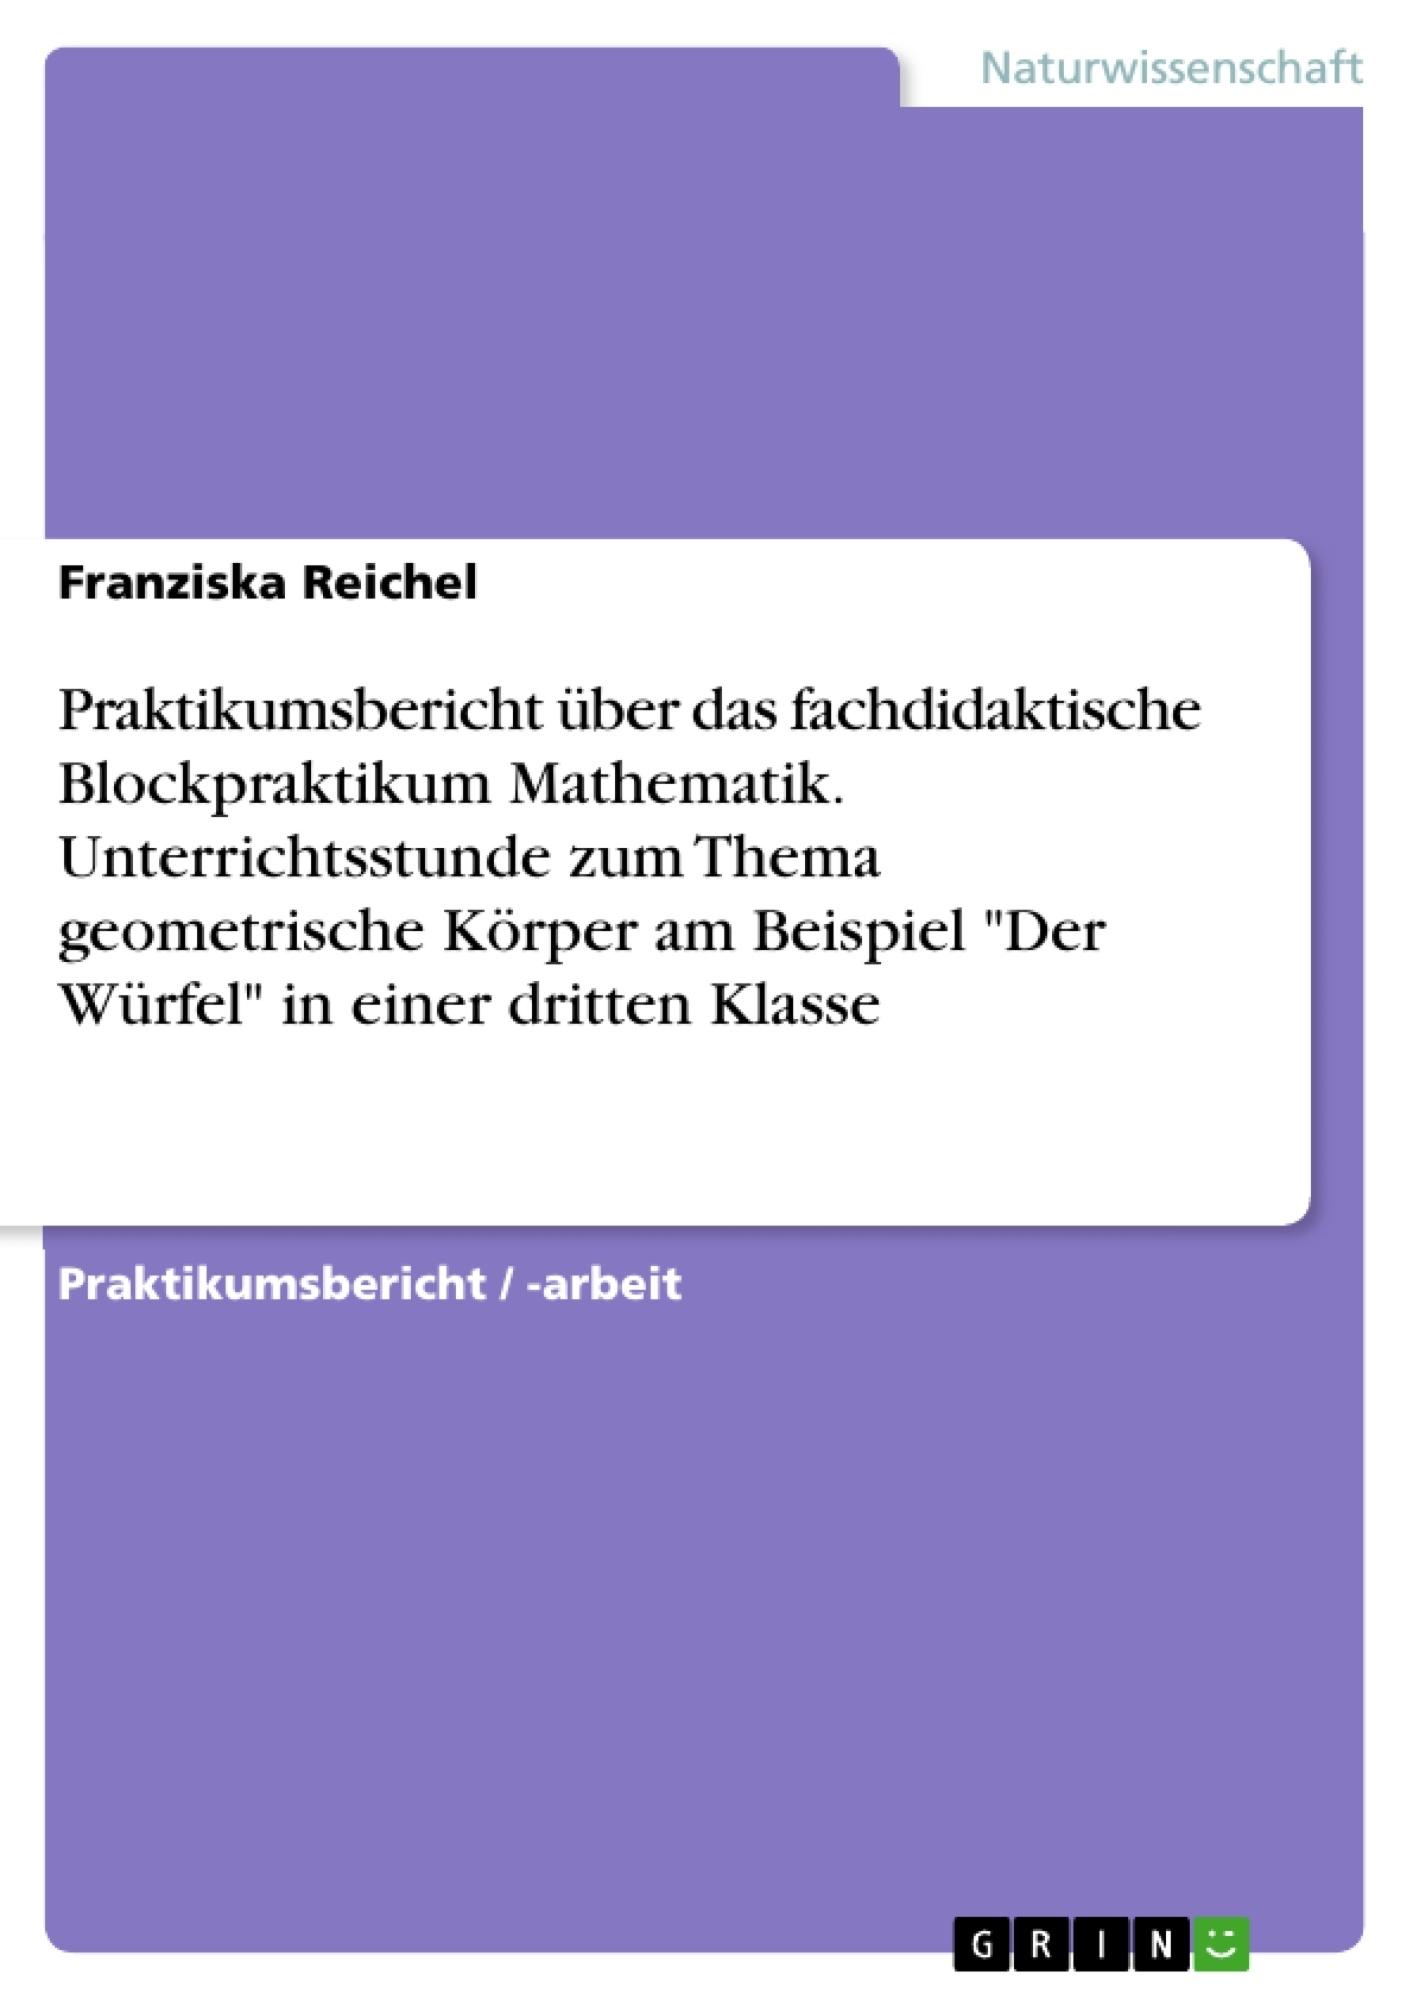 """Titel: Praktikumsbericht über das fachdidaktische Blockpraktikum Mathematik. Unterrichtsstunde zum Thema geometrische Körper am Beispiel """"Der Würfel"""" in einer dritten Klasse"""